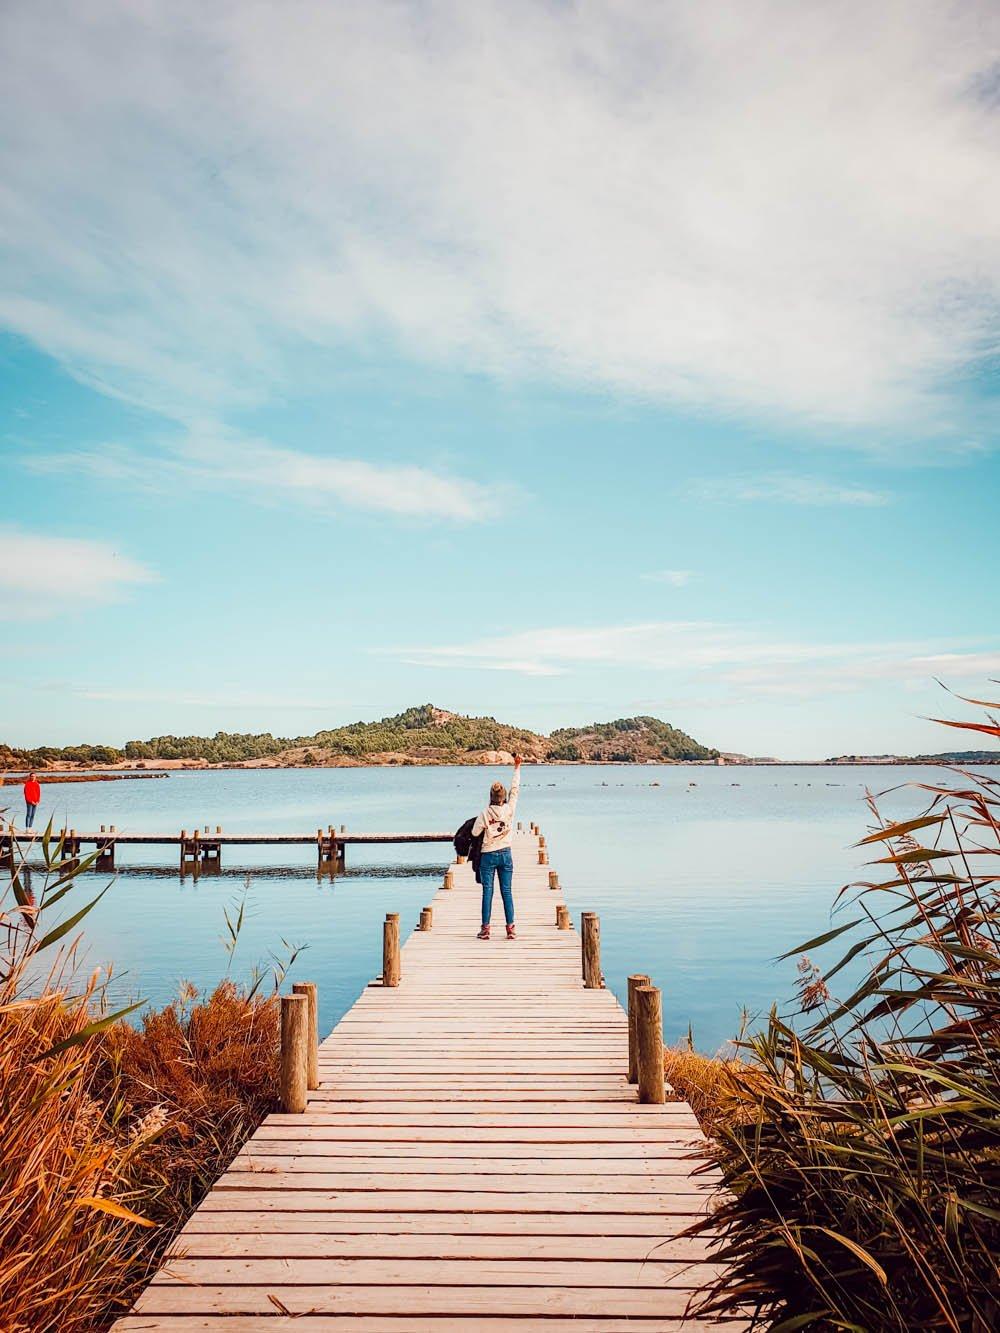 Promenade à Peyriac de Mer : la balade des pontons